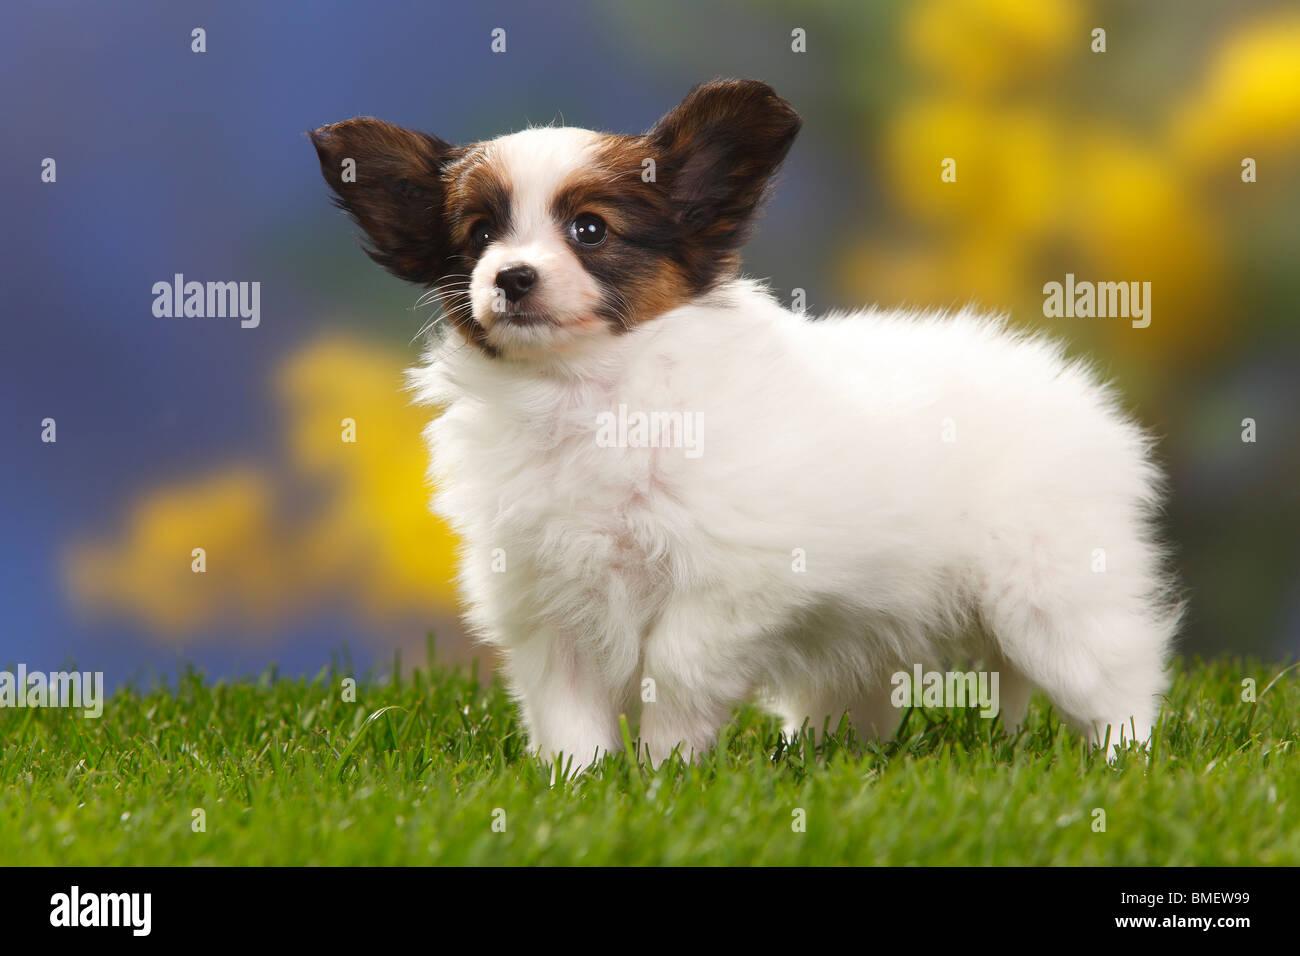 Papillon Puppies For Sale - AKC PuppyFinder